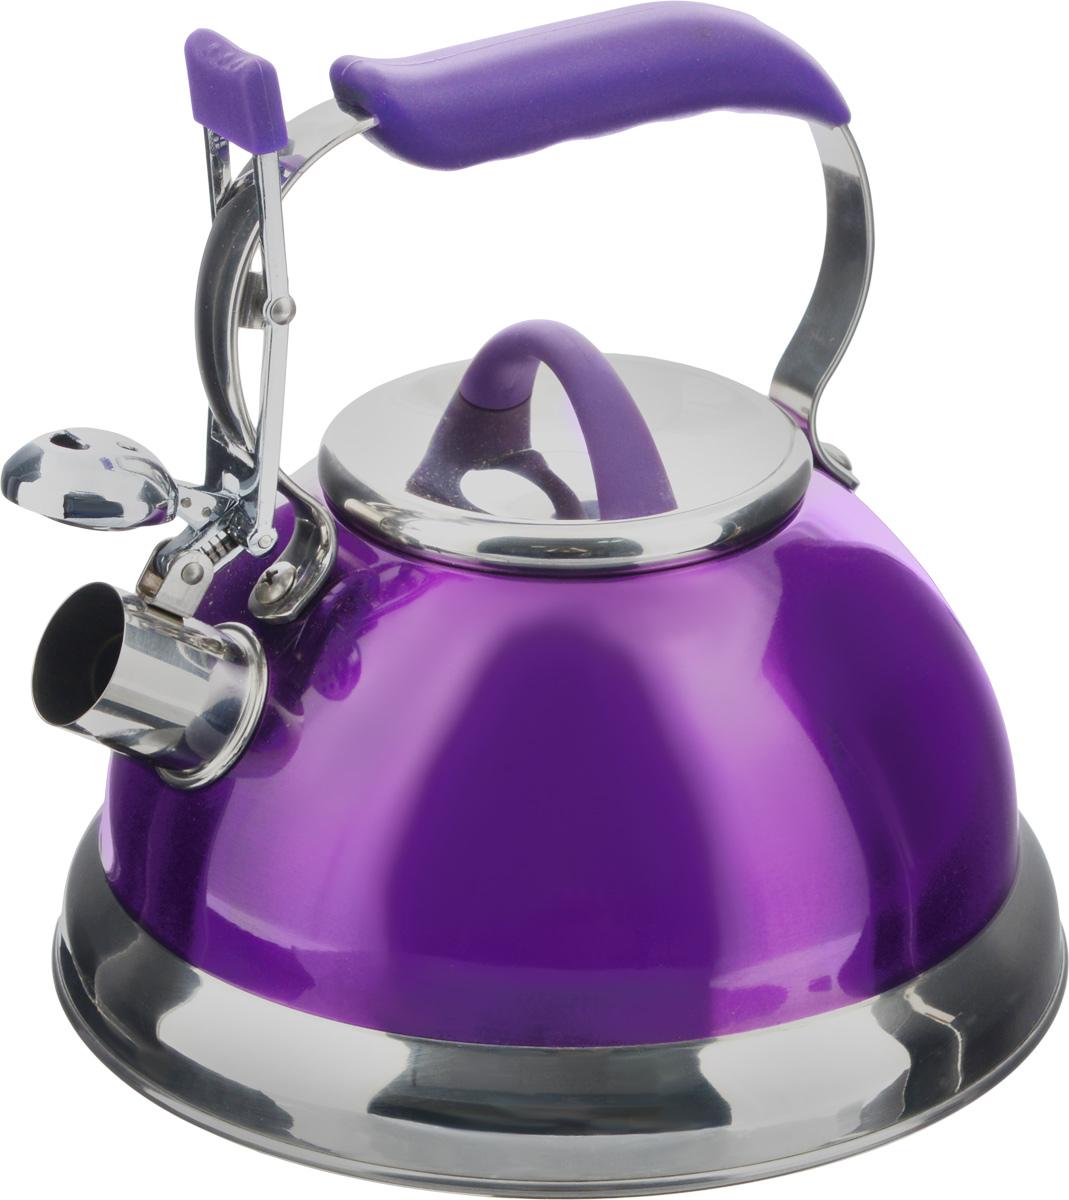 Чайник Calve, со свистком, цвет: фиолетовый, 2,7 лVT-1520(SR)Чайник Calve изготовлен из высококачественной нержавеющей стали с термоаккумулирующим дном. Нержавеющая сталь обладает высокой устойчивостью к коррозии, не вступает в реакцию с холодными и горячими продуктами и полностью сохраняет их вкусовые качества. Особая конструкция дна способствует высокой теплопроводности и равномерному распределению тепла. Чайник оснащен удобной бакелитовойручкой с силиконовым покрытием. Носик чайника имеет откидной свисток, звуковой сигнал которого подскажет, когда закипит вода. Подходит для всех типов плит, включая индукционные. Можно мыть в посудомоечной машине.Диаметр чайника (по верхнему краю): 10,5 см.Высота чайника (без учета ручки и крышки): 11,5 см.Высота чайника (с учетом ручки): 21 см.